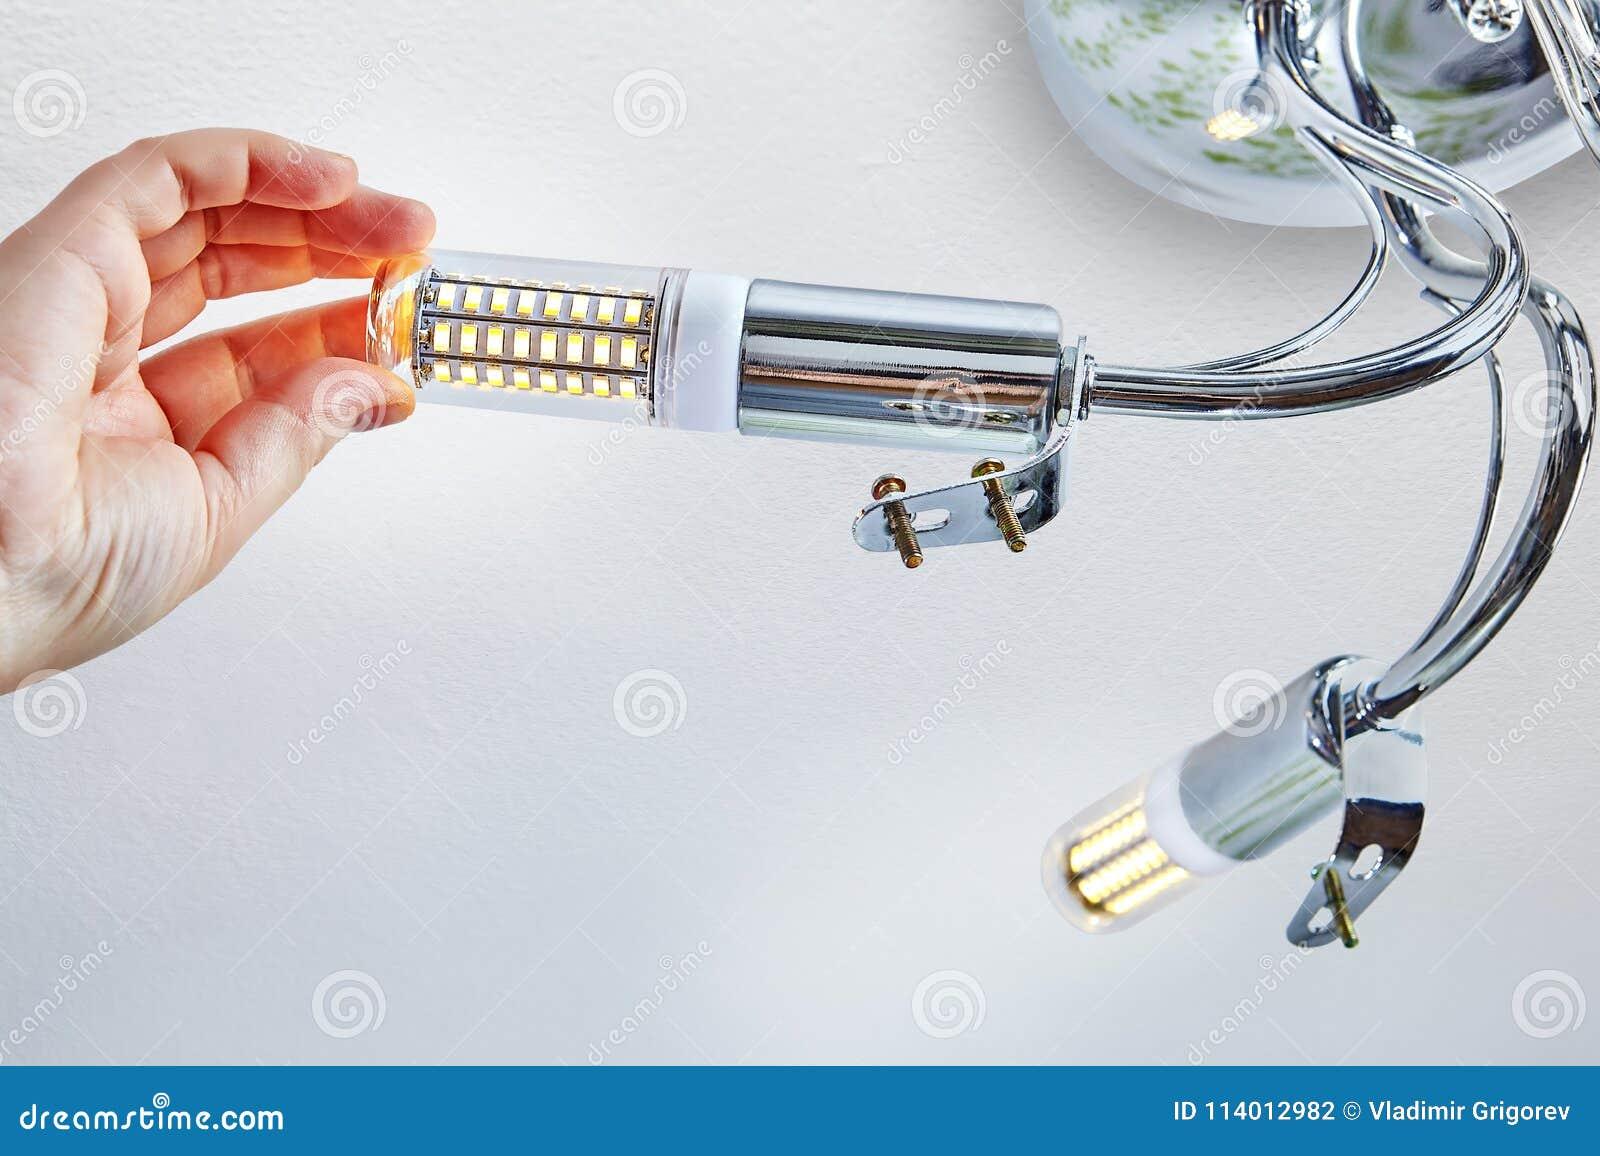 Visse Maïs Dans L'éclairage De Main Lampe Plafond La Led Yfvg6bI7y